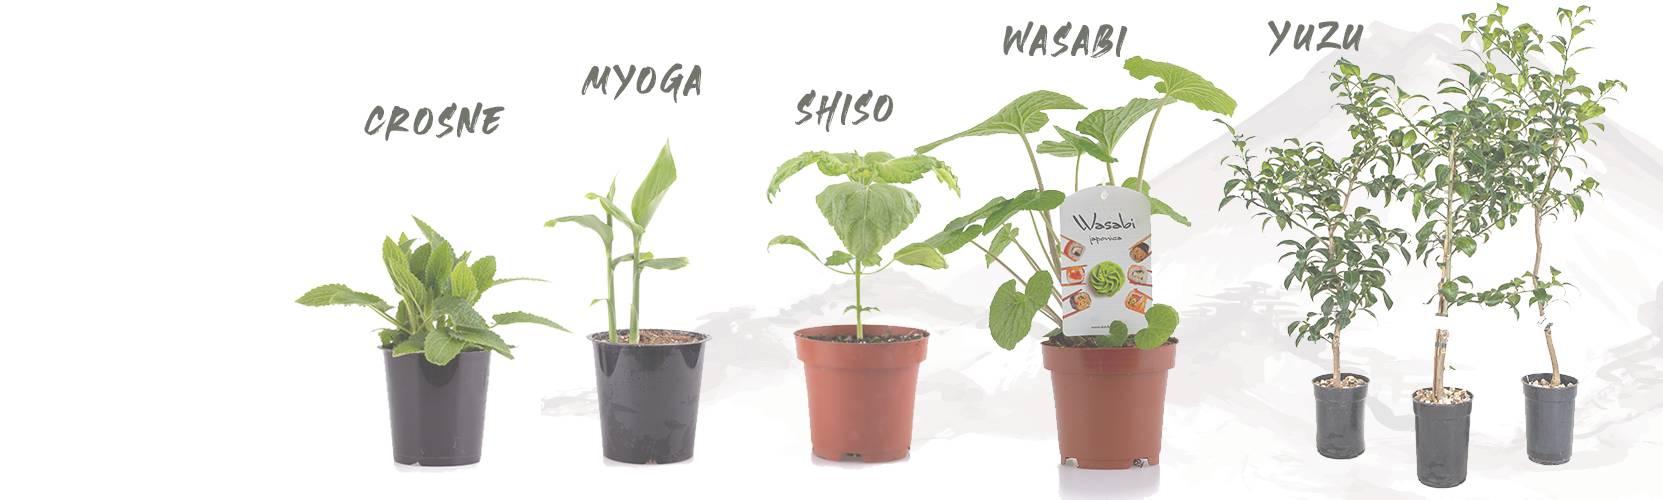 Uw Japanese eetbare tuin